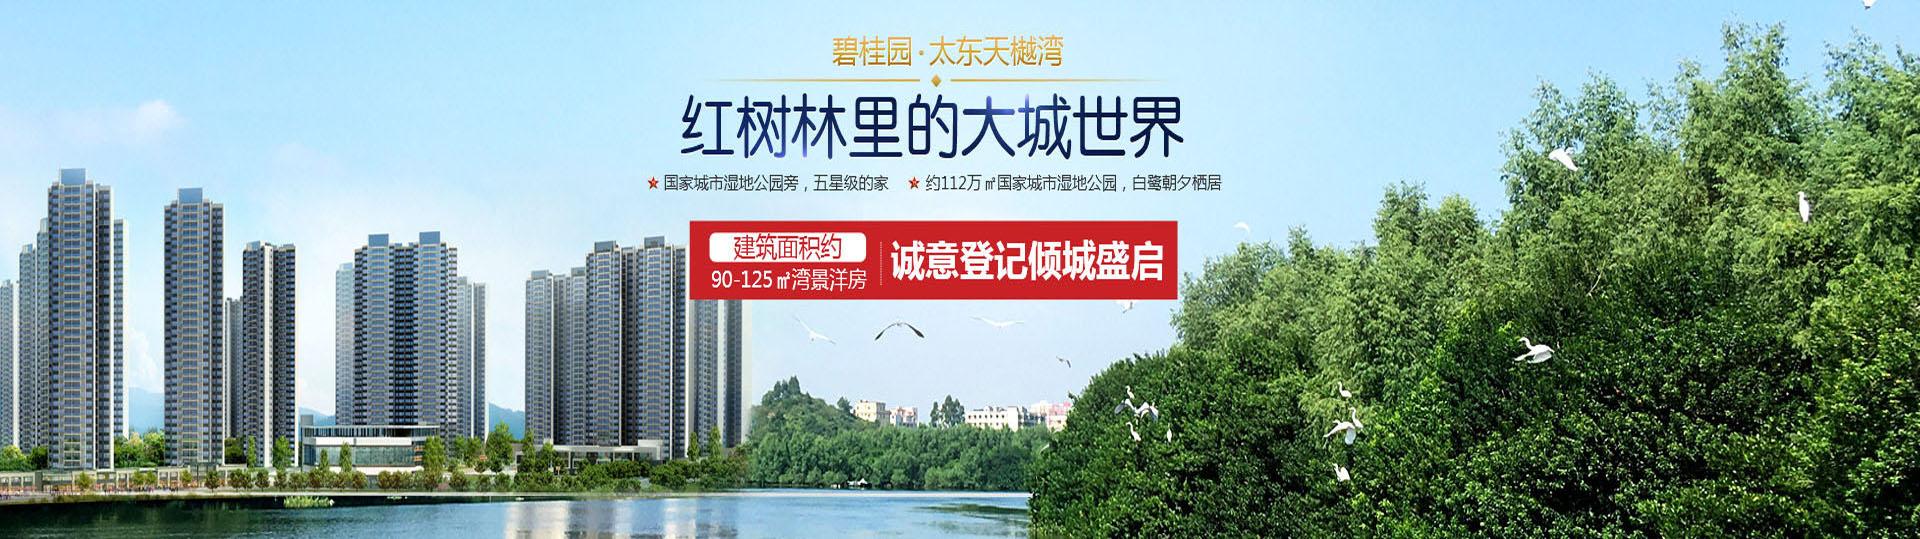 惠州大亚湾碧桂园太东天樾湾